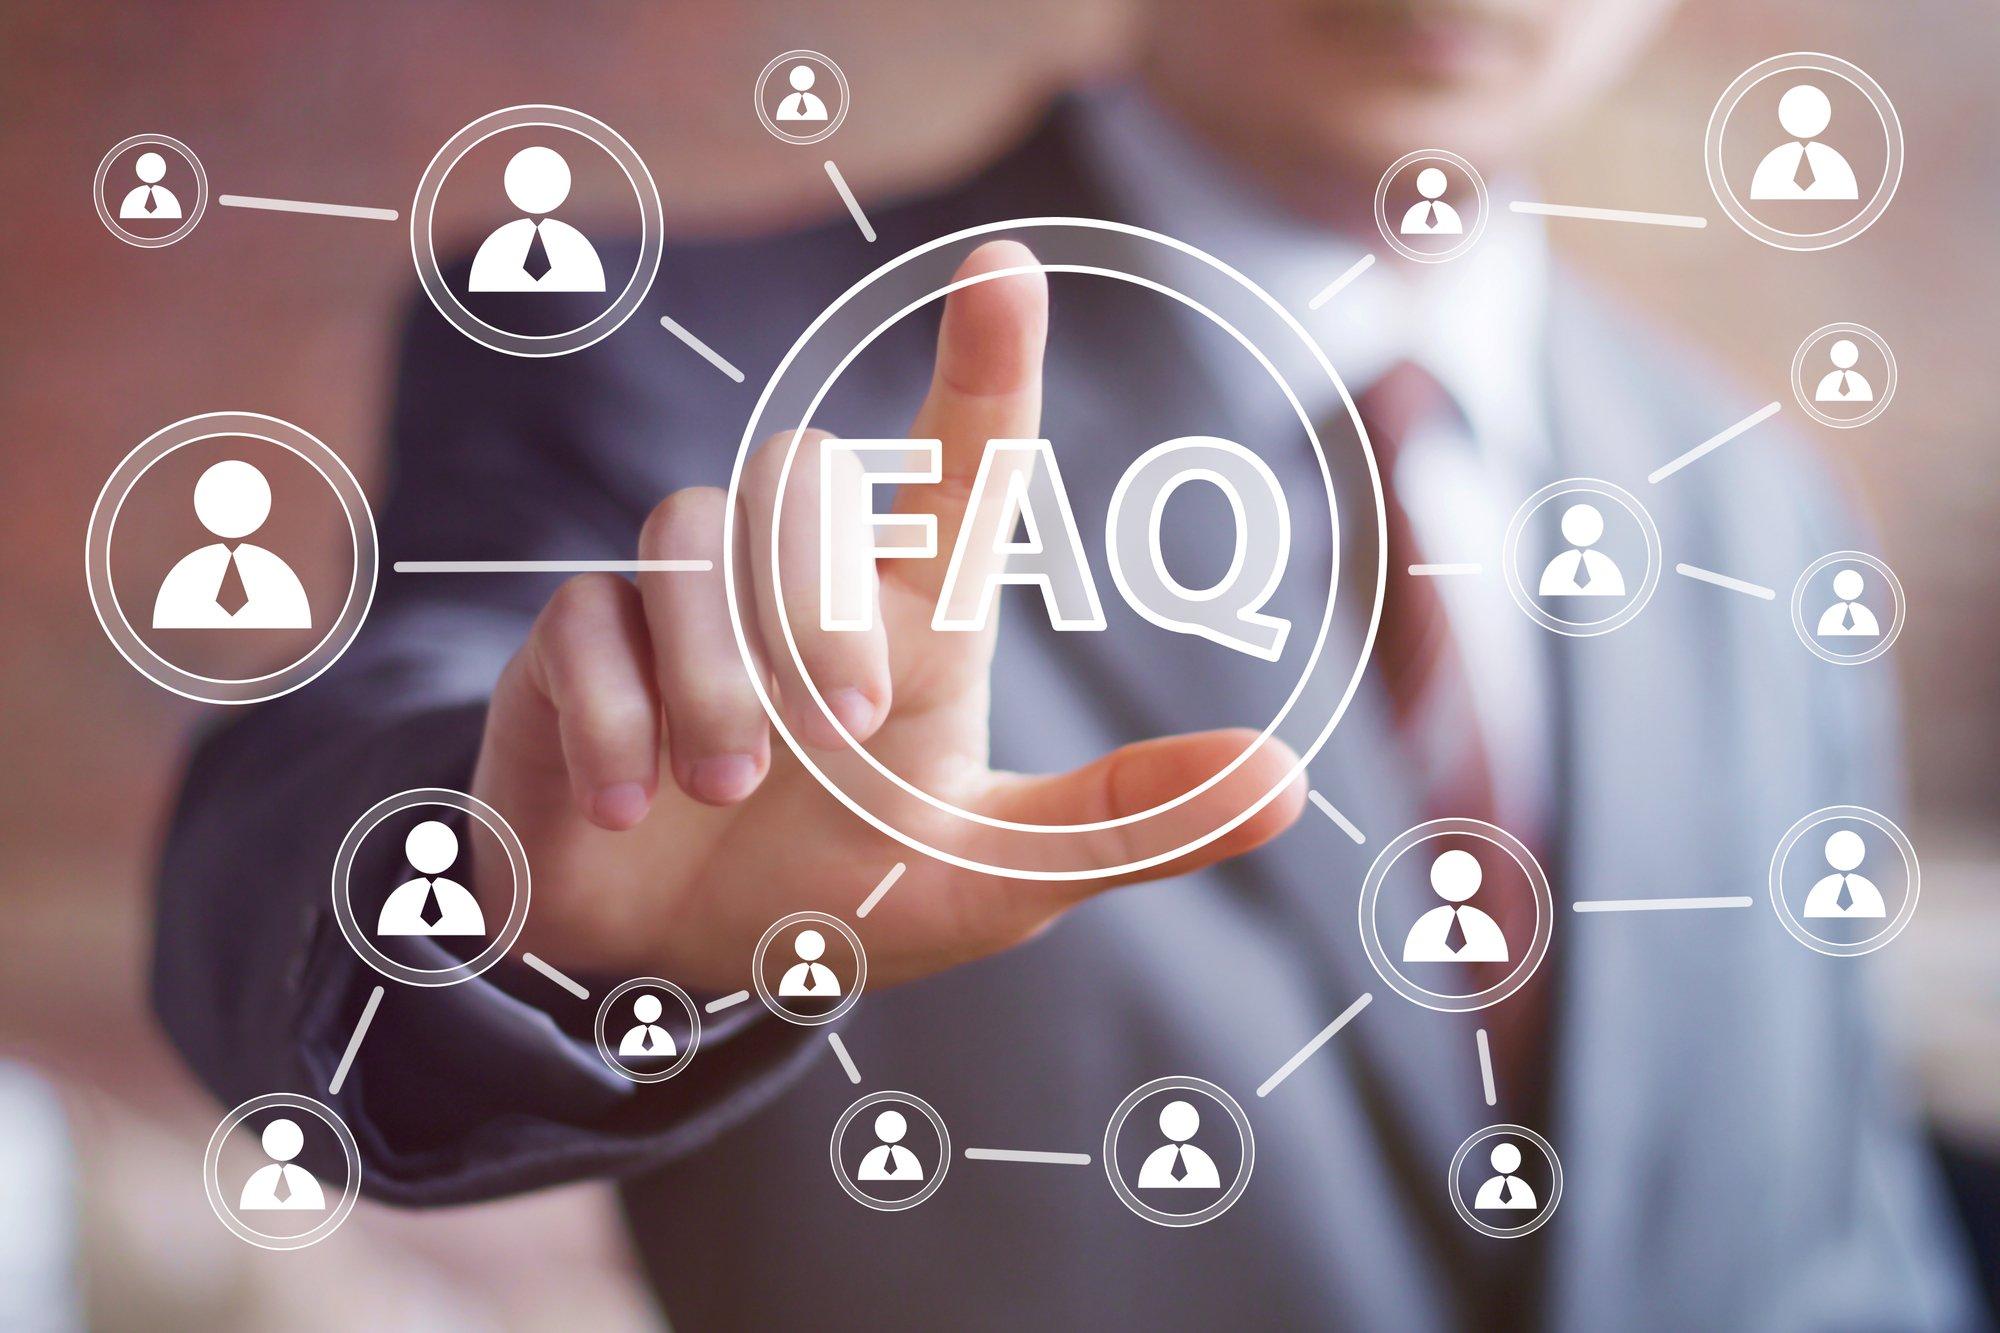 Business button FAQ